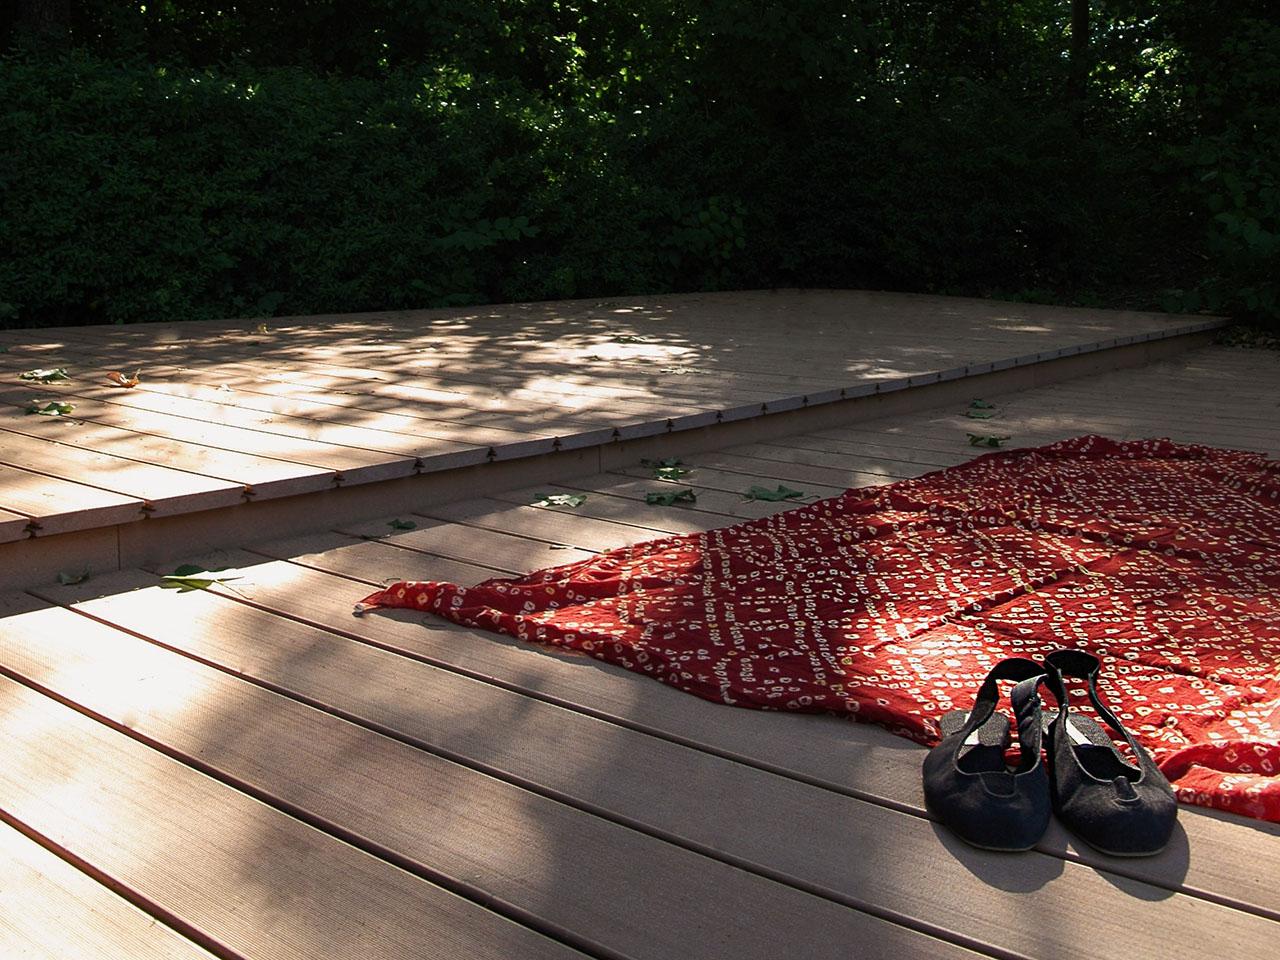 Liegefläche im Schwimmbad mit Barfußdielen aus WPC und rotem Schwimmbadtuch darauf